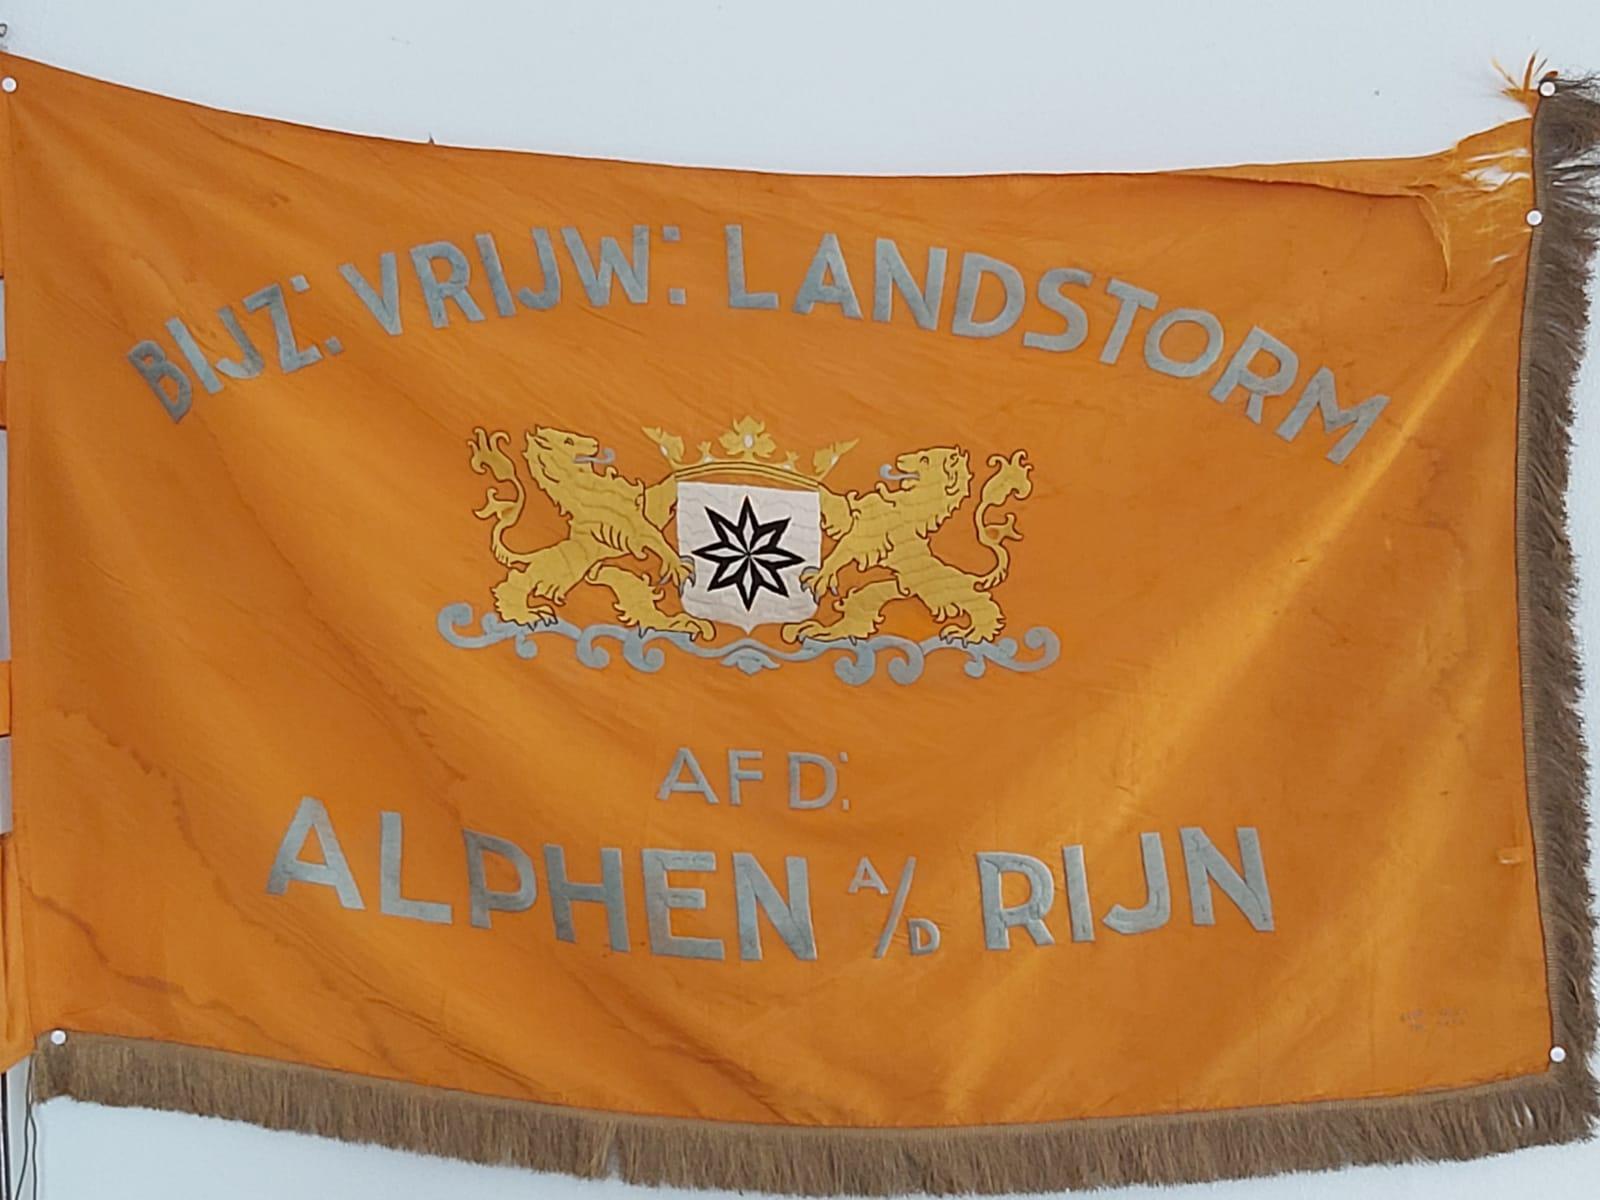 landstorm-alphen